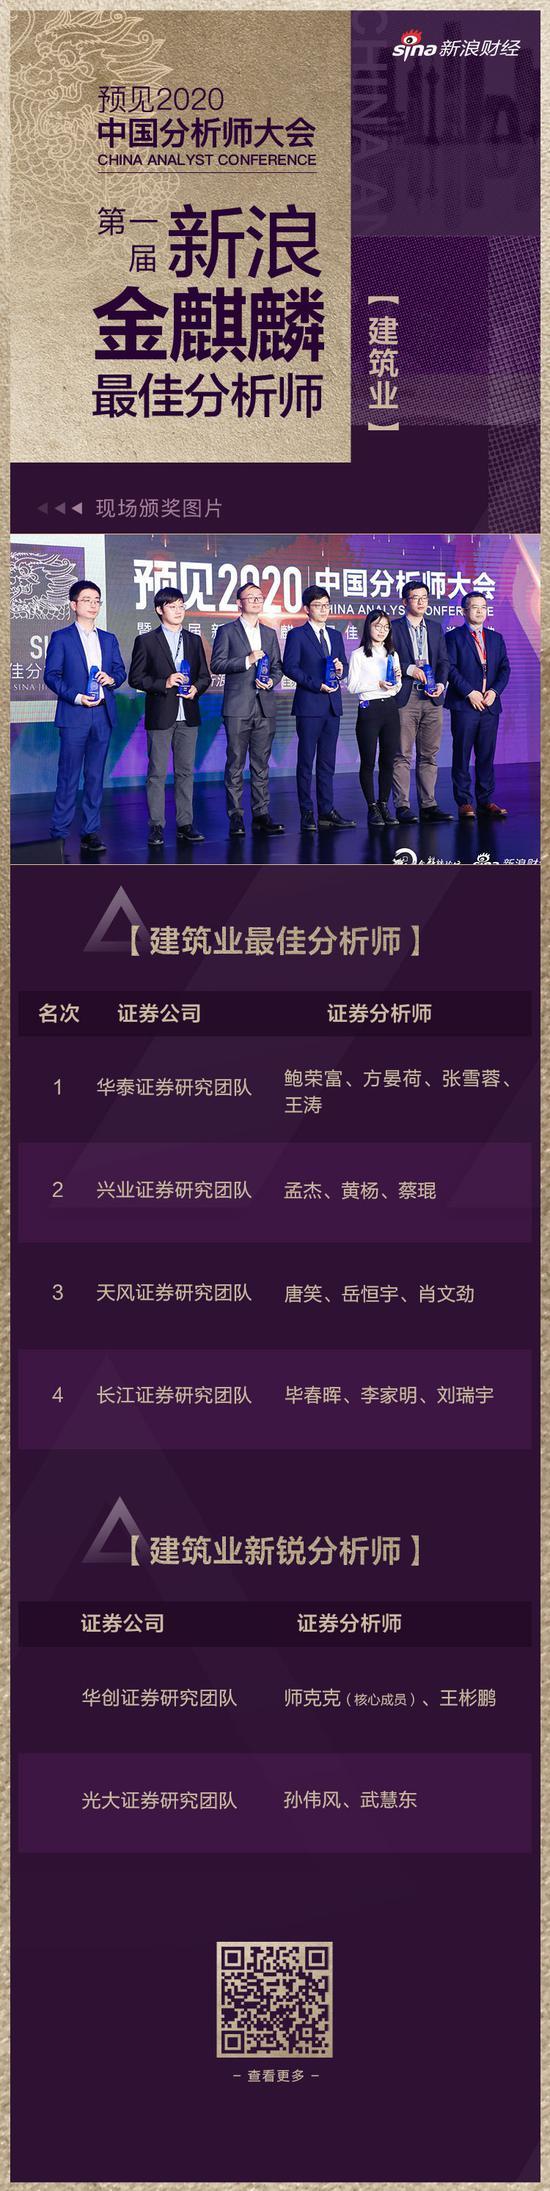 新浪金麒麟最佳分析师建筑:华泰鲍荣富夺冠 兴业孟杰